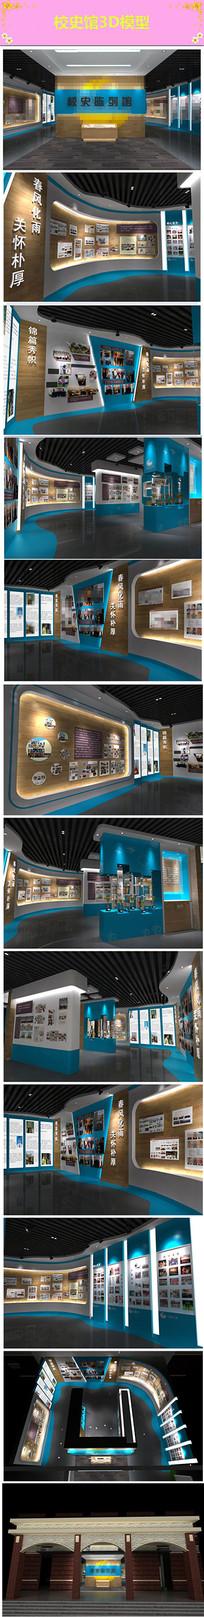 校史馆文化展厅3D模型